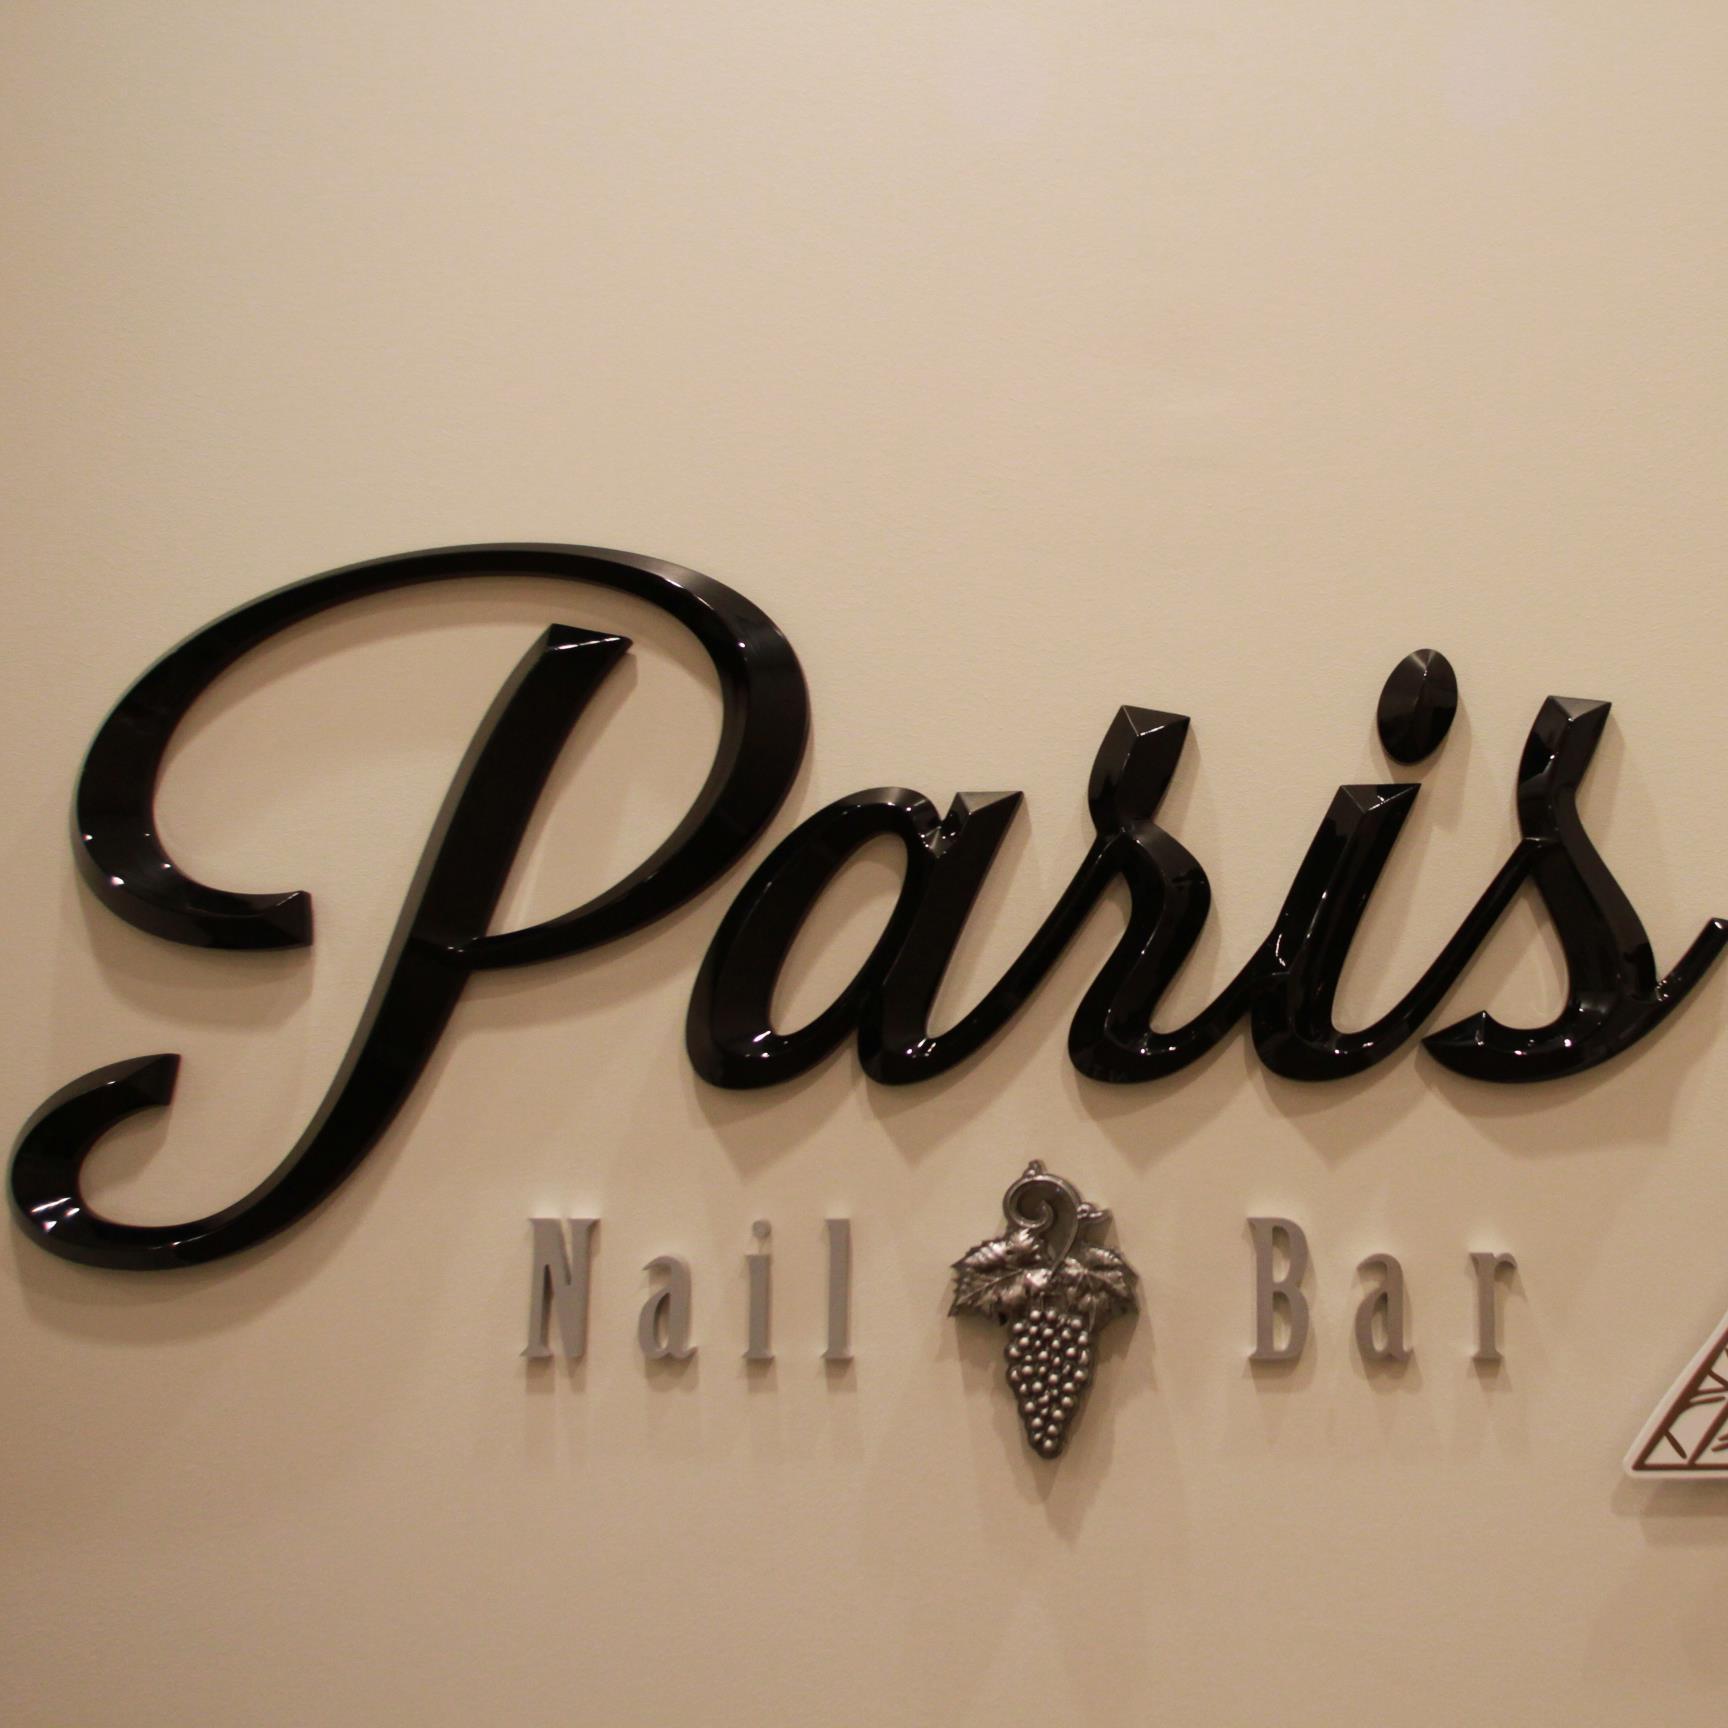 Nail Bar: Paris Nail Bar (@TheParisNailBar)